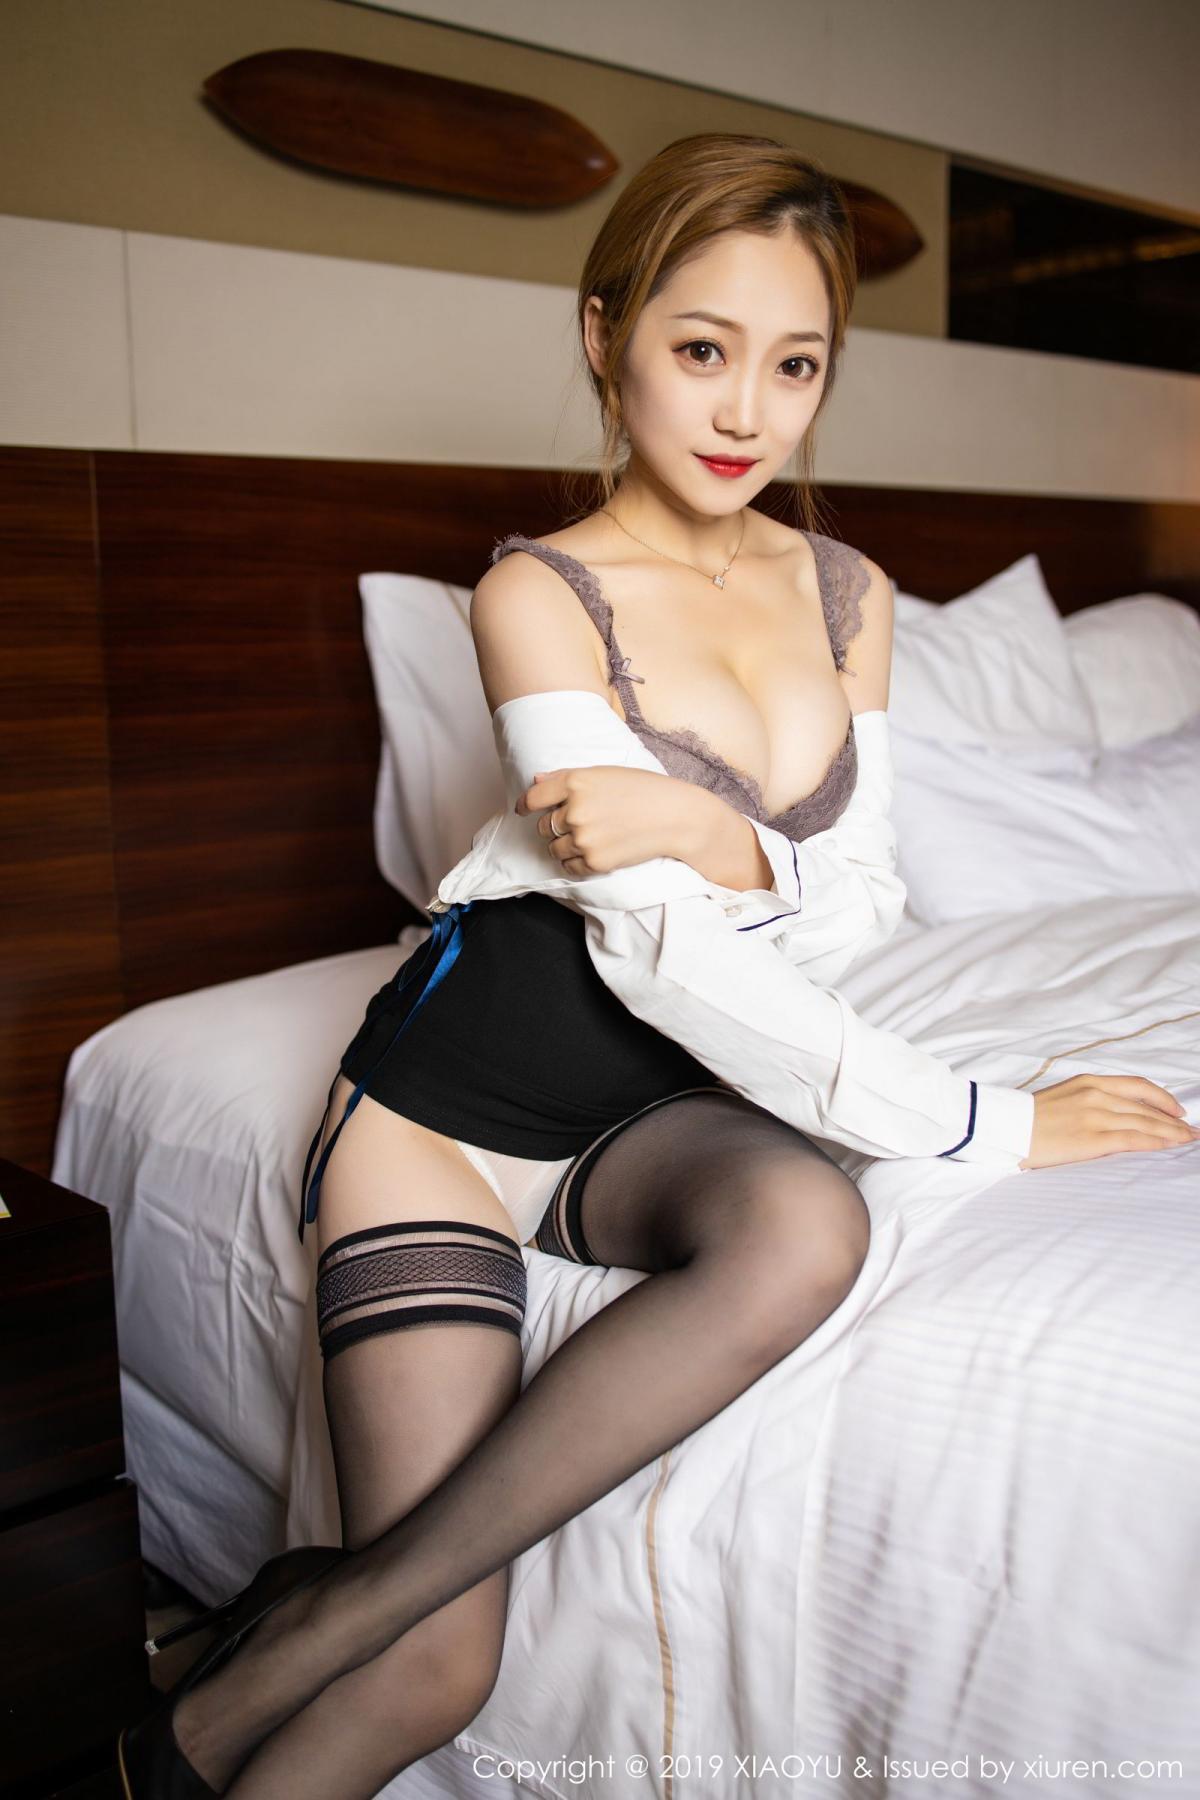 [XiaoYu] Vol.181 Yuner Claire 25P, Black Silk, Underwear, XiaoYu, Yuner Claire